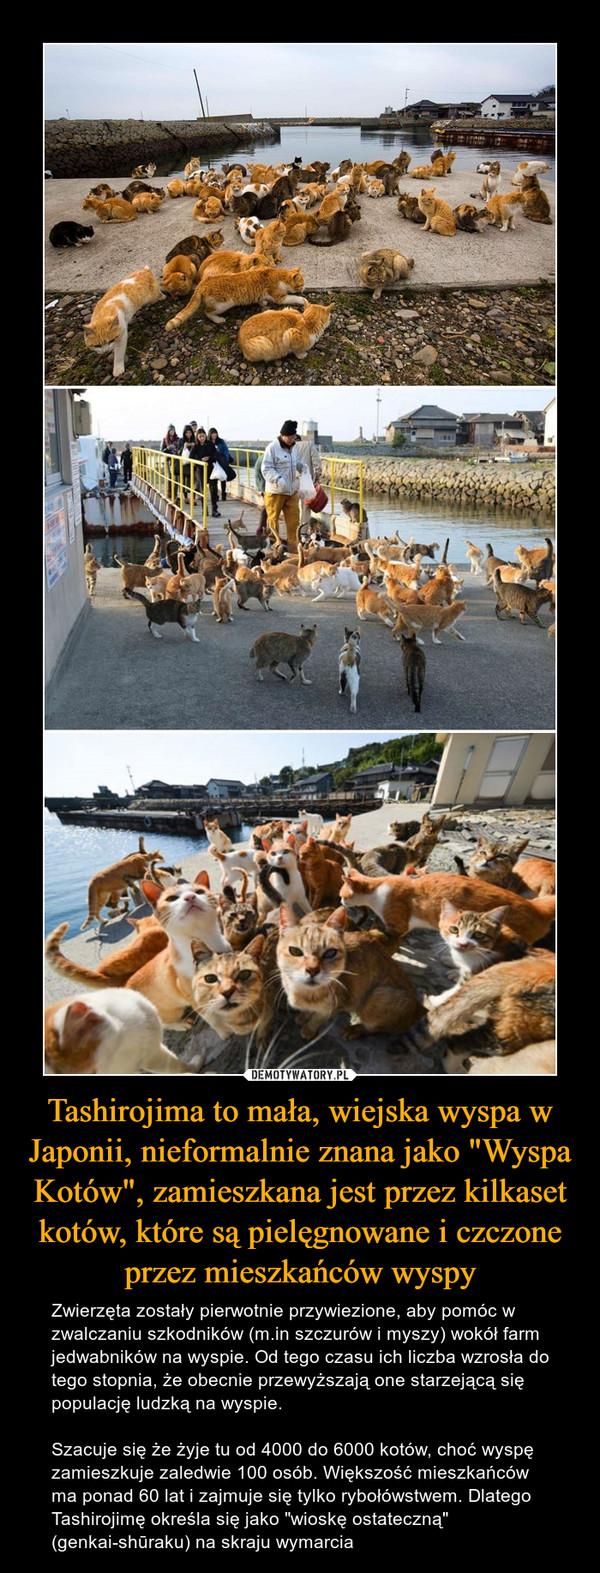 """Tashirojima to mała, wiejska wyspa w Japonii, nieformalnie znana jako """"Wyspa Kotów"""", zamieszkana jest przez kilkaset kotów, które są pielęgnowane i czczone przez mieszkańców wyspy – Zwierzęta zostały pierwotnie przywiezione, aby pomóc w zwalczaniu szkodników (m.in szczurów i myszy) wokół farm jedwabników na wyspie. Od tego czasu ich liczba wzrosła do tego stopnia, że obecnie przewyższają one starzejącą się populację ludzką na wyspie.Szacuje się że żyje tu od 4000 do 6000 kotów, choć wyspę zamieszkuje zaledwie 100 osób. Większość mieszkańców ma ponad 60 lat i zajmuje się tylko rybołówstwem. Dlatego Tashirojimę określa się jako """"wioskę ostateczną"""" (genkai-shūraku) na skraju wymarcia"""